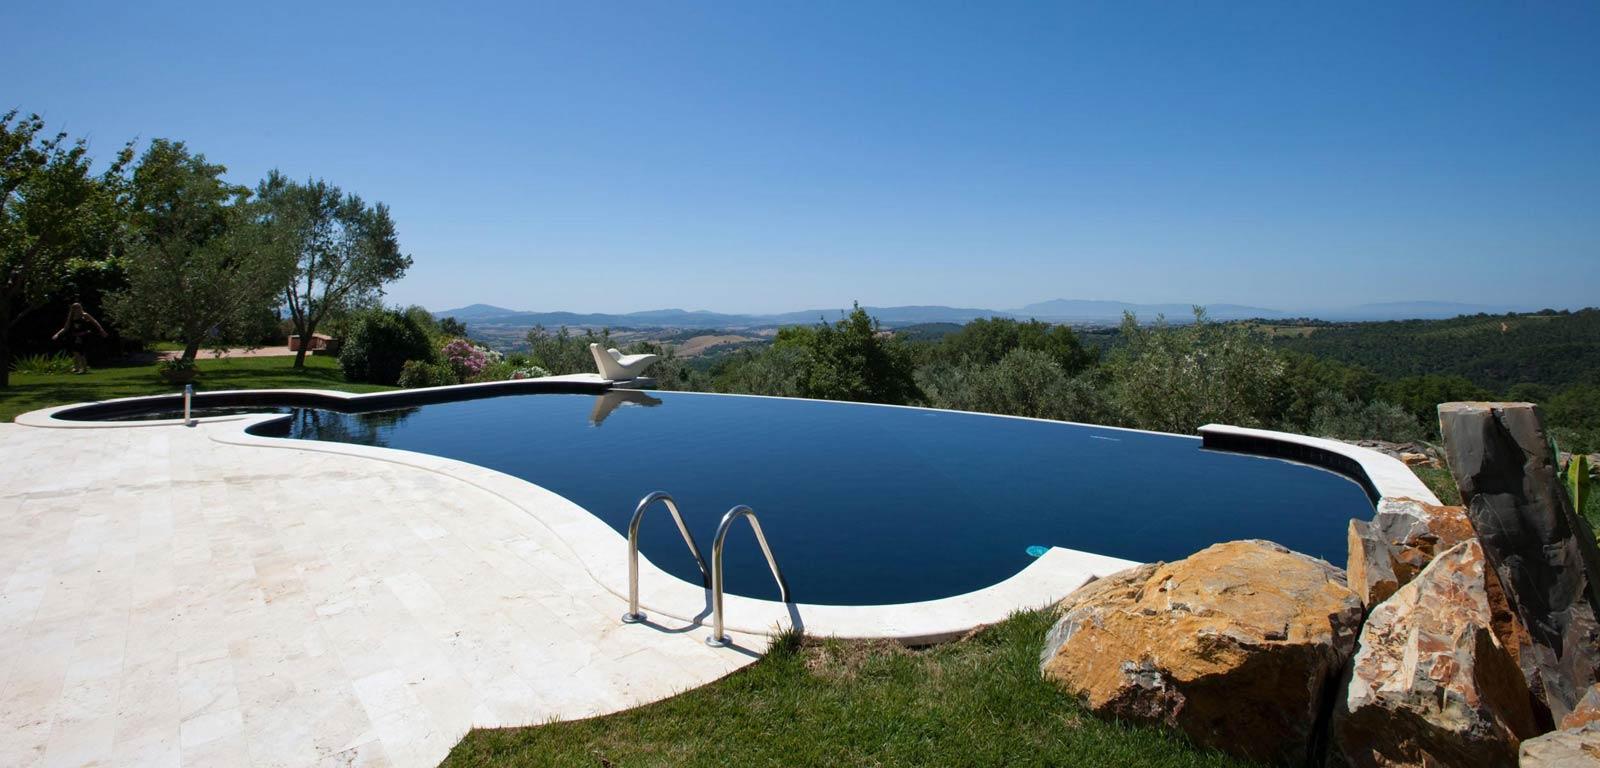 Piscine con rivestimento nero piscine castiglione for Teli per piscine interrate